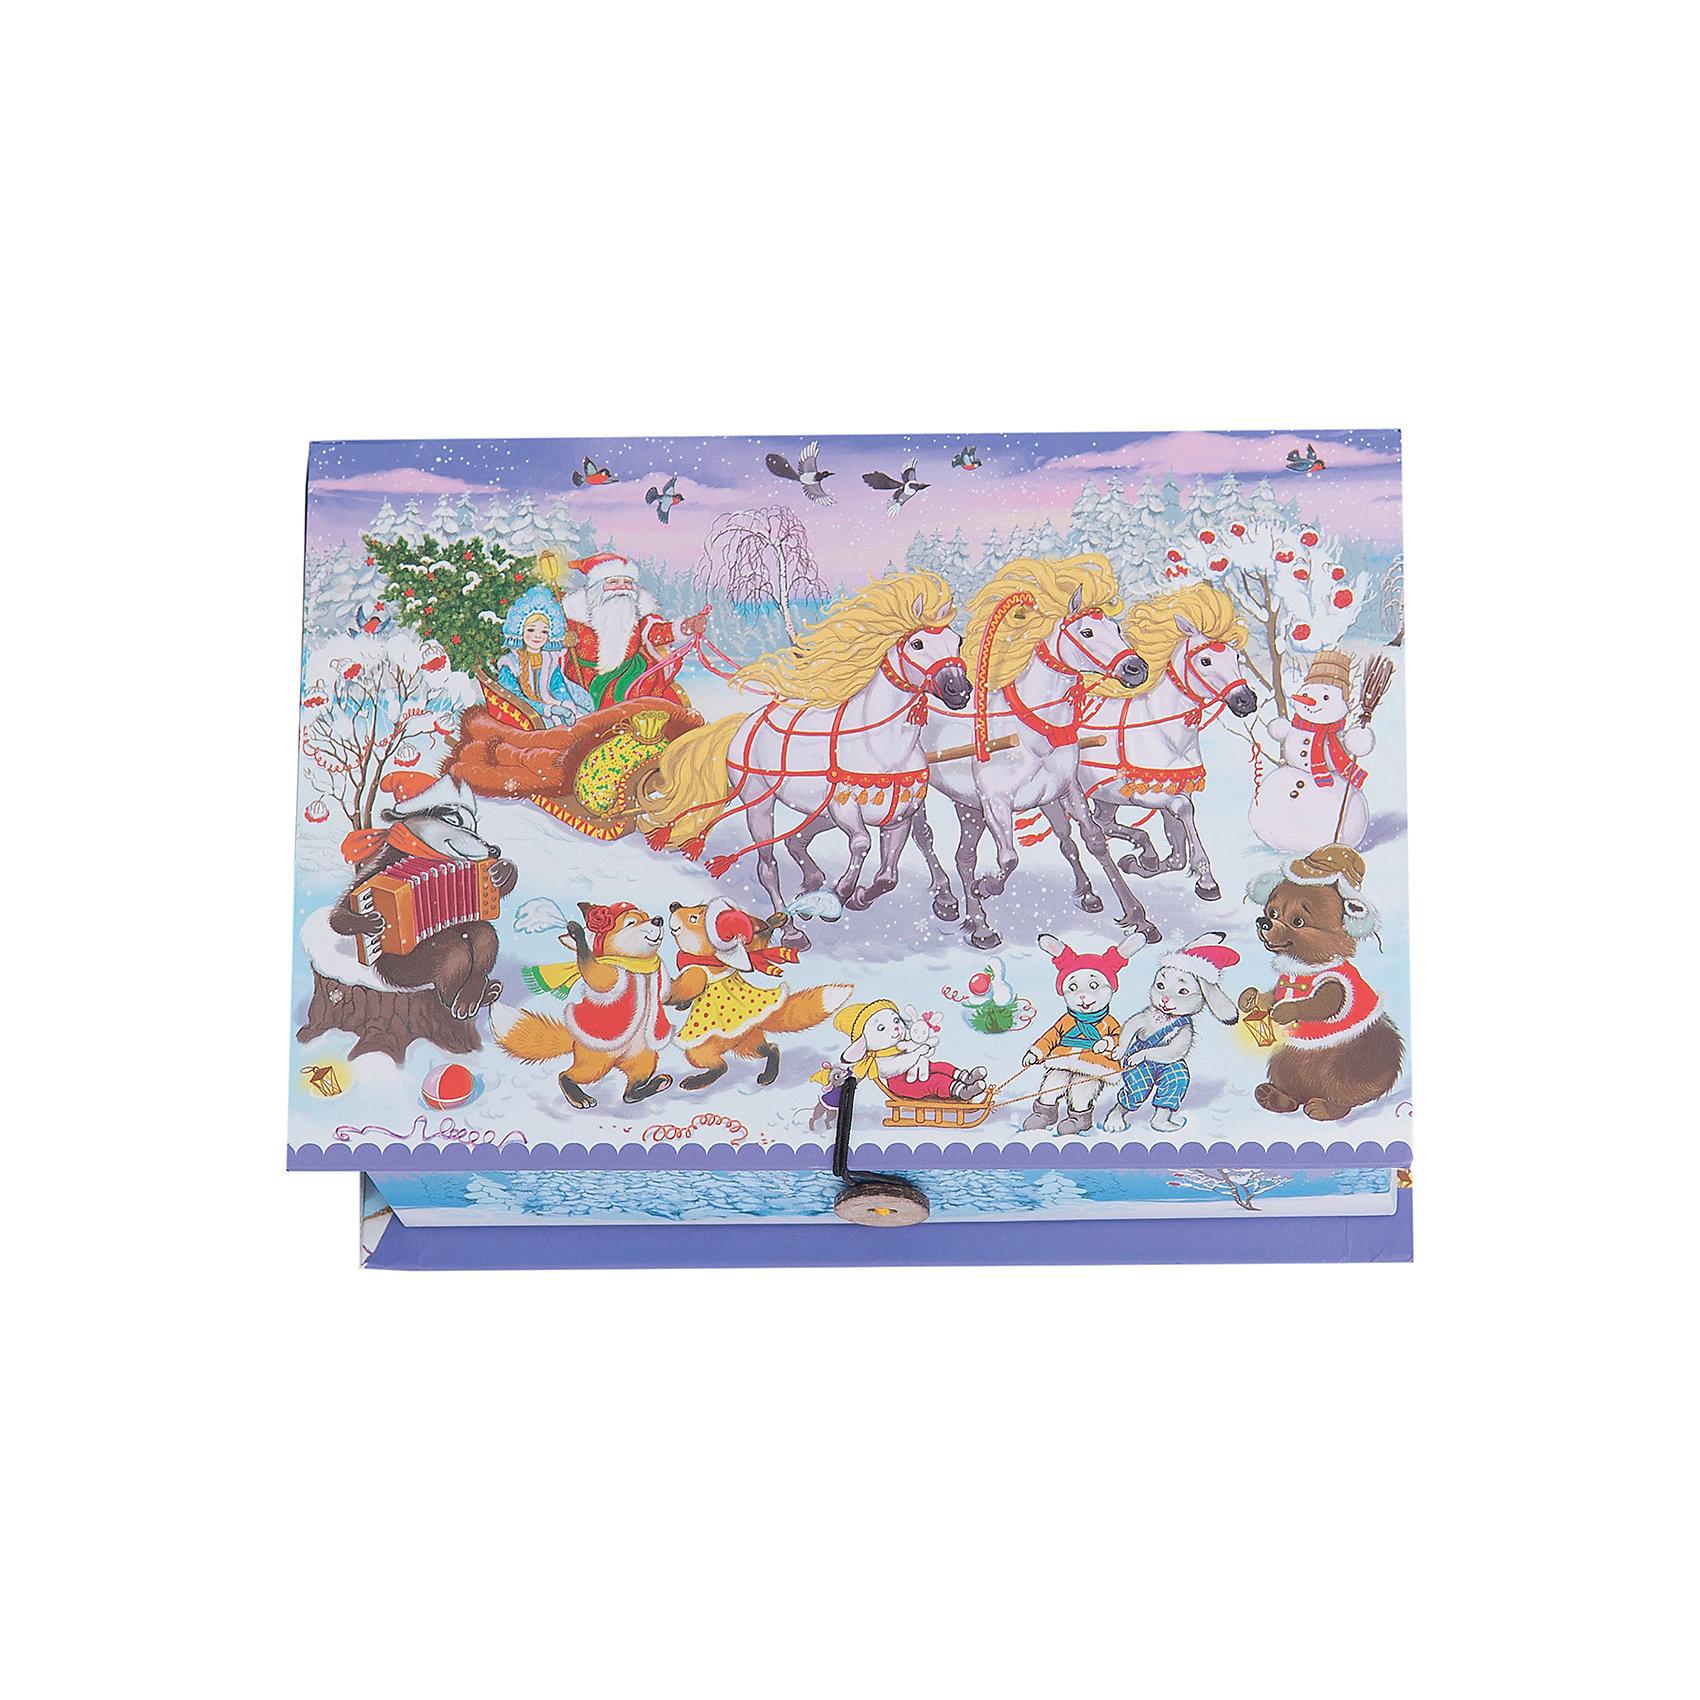 Подарочная коробка Праздник 20*14*6 смПодарочная коробка Новогодний праздник 20 * 14 * 6 см - впустите атмосферу зимы и праздников в ваш дом! С этой подарочной коробкой так весело наряжать подарки и радовать близких. Картонная коробка выглядит как книга и имеет яркую обложку с цветными рисунками деда Мороза, мчащегося на тройке лошадей чтобы привезти подарки. На корешке изображены веселые зверята и надпись « С Новым Годом». Коробка закрывается на небольшой эластичный шнурок и пуговичку. Устройте сюрприз вашим близким!<br>Дополнительная информация:<br><br>- Размер: 20 * 14 * 6 см.<br>- Материал: картон плотностью 1100 г/м2<br>Подарочную коробку Новогодний праздник 20 * 14 * 6 см можно купить в нашем интернет-магазине.<br>Подробнее:<br>• Для детей в возрасте: от 3 лет<br>• Номер товара: 4981491<br>Страна производитель: Китай<br><br>Ширина мм: 200<br>Глубина мм: 140<br>Высота мм: 60<br>Вес г: 330<br>Возраст от месяцев: 36<br>Возраст до месяцев: 2147483647<br>Пол: Унисекс<br>Возраст: Детский<br>SKU: 4981491